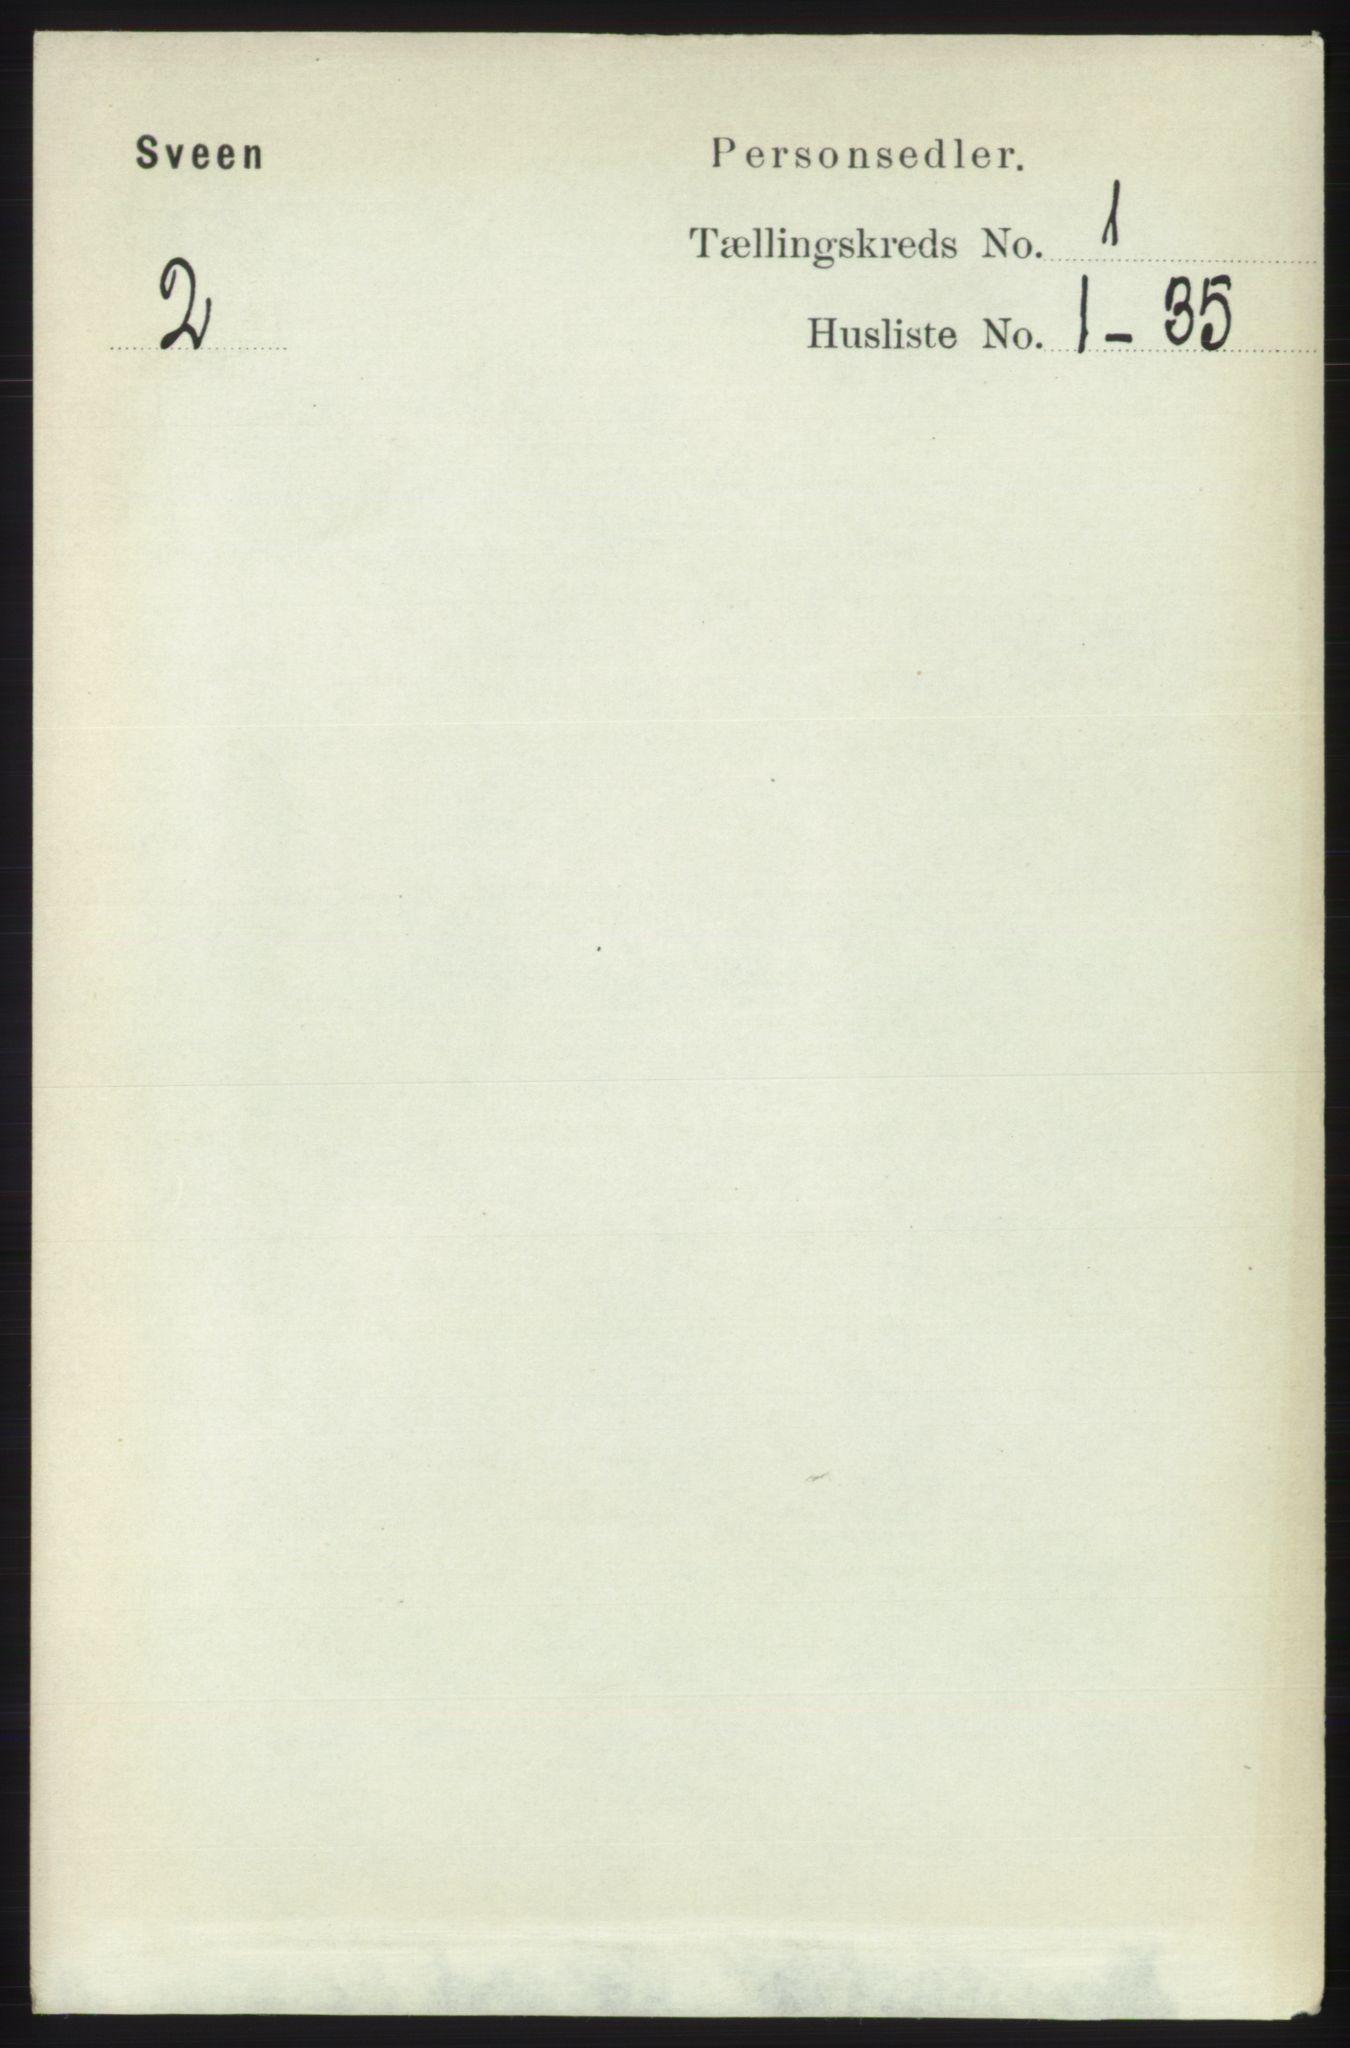 RA, Folketelling 1891 for 1216 Sveio herred, 1891, s. 105